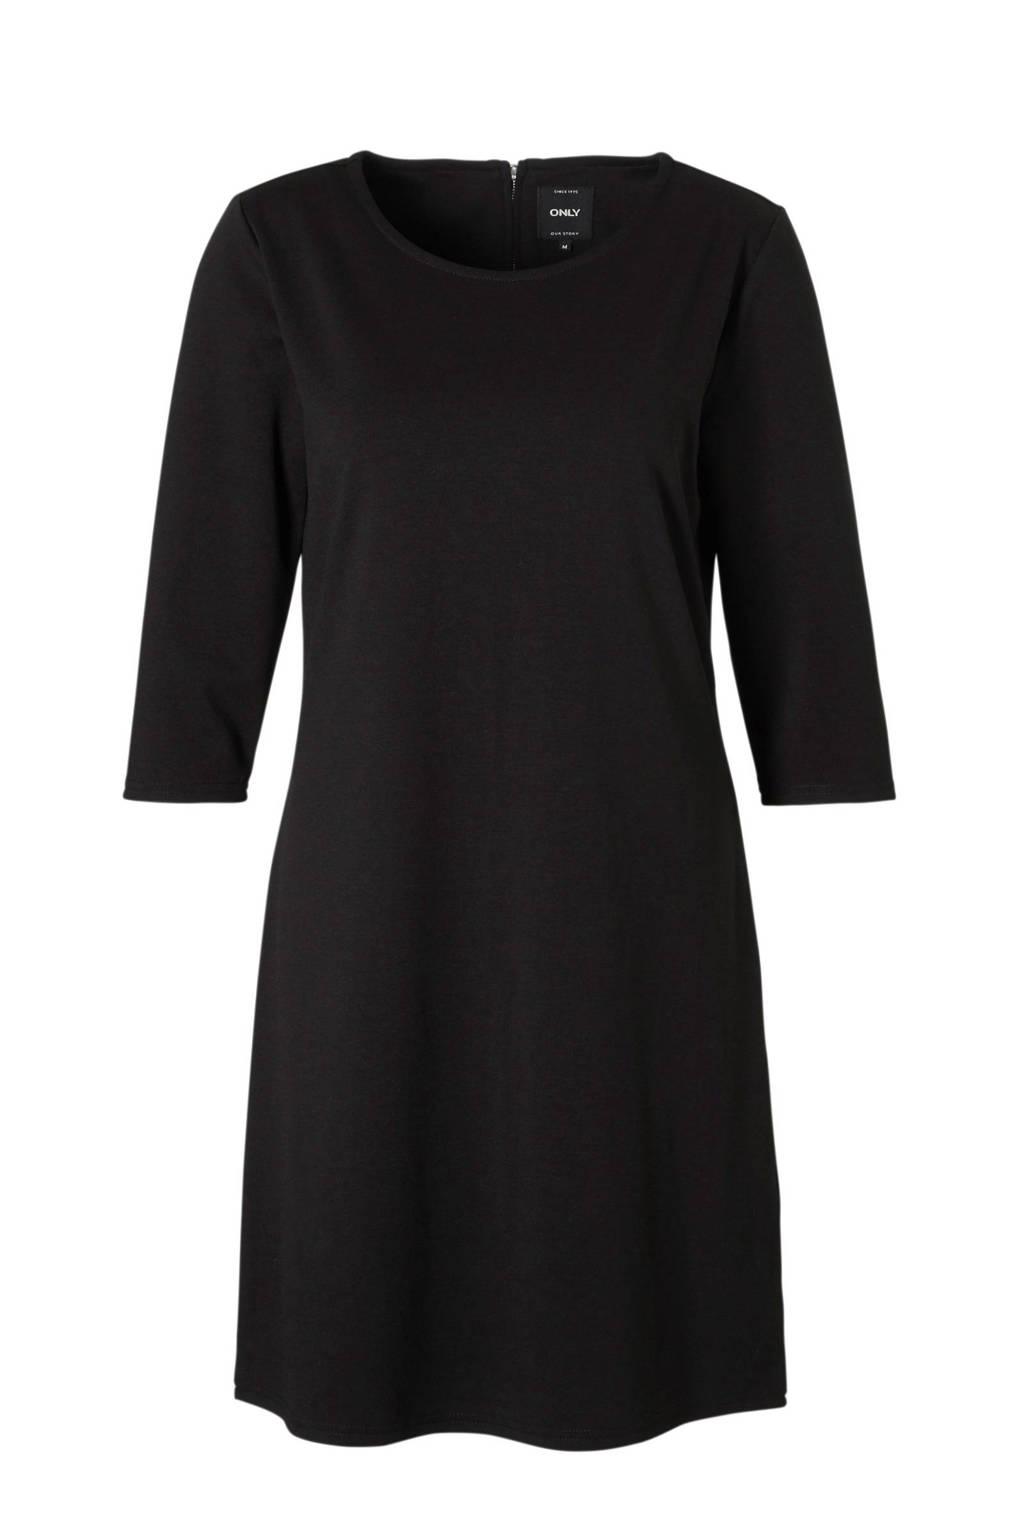 ONLY jurk, Zwart